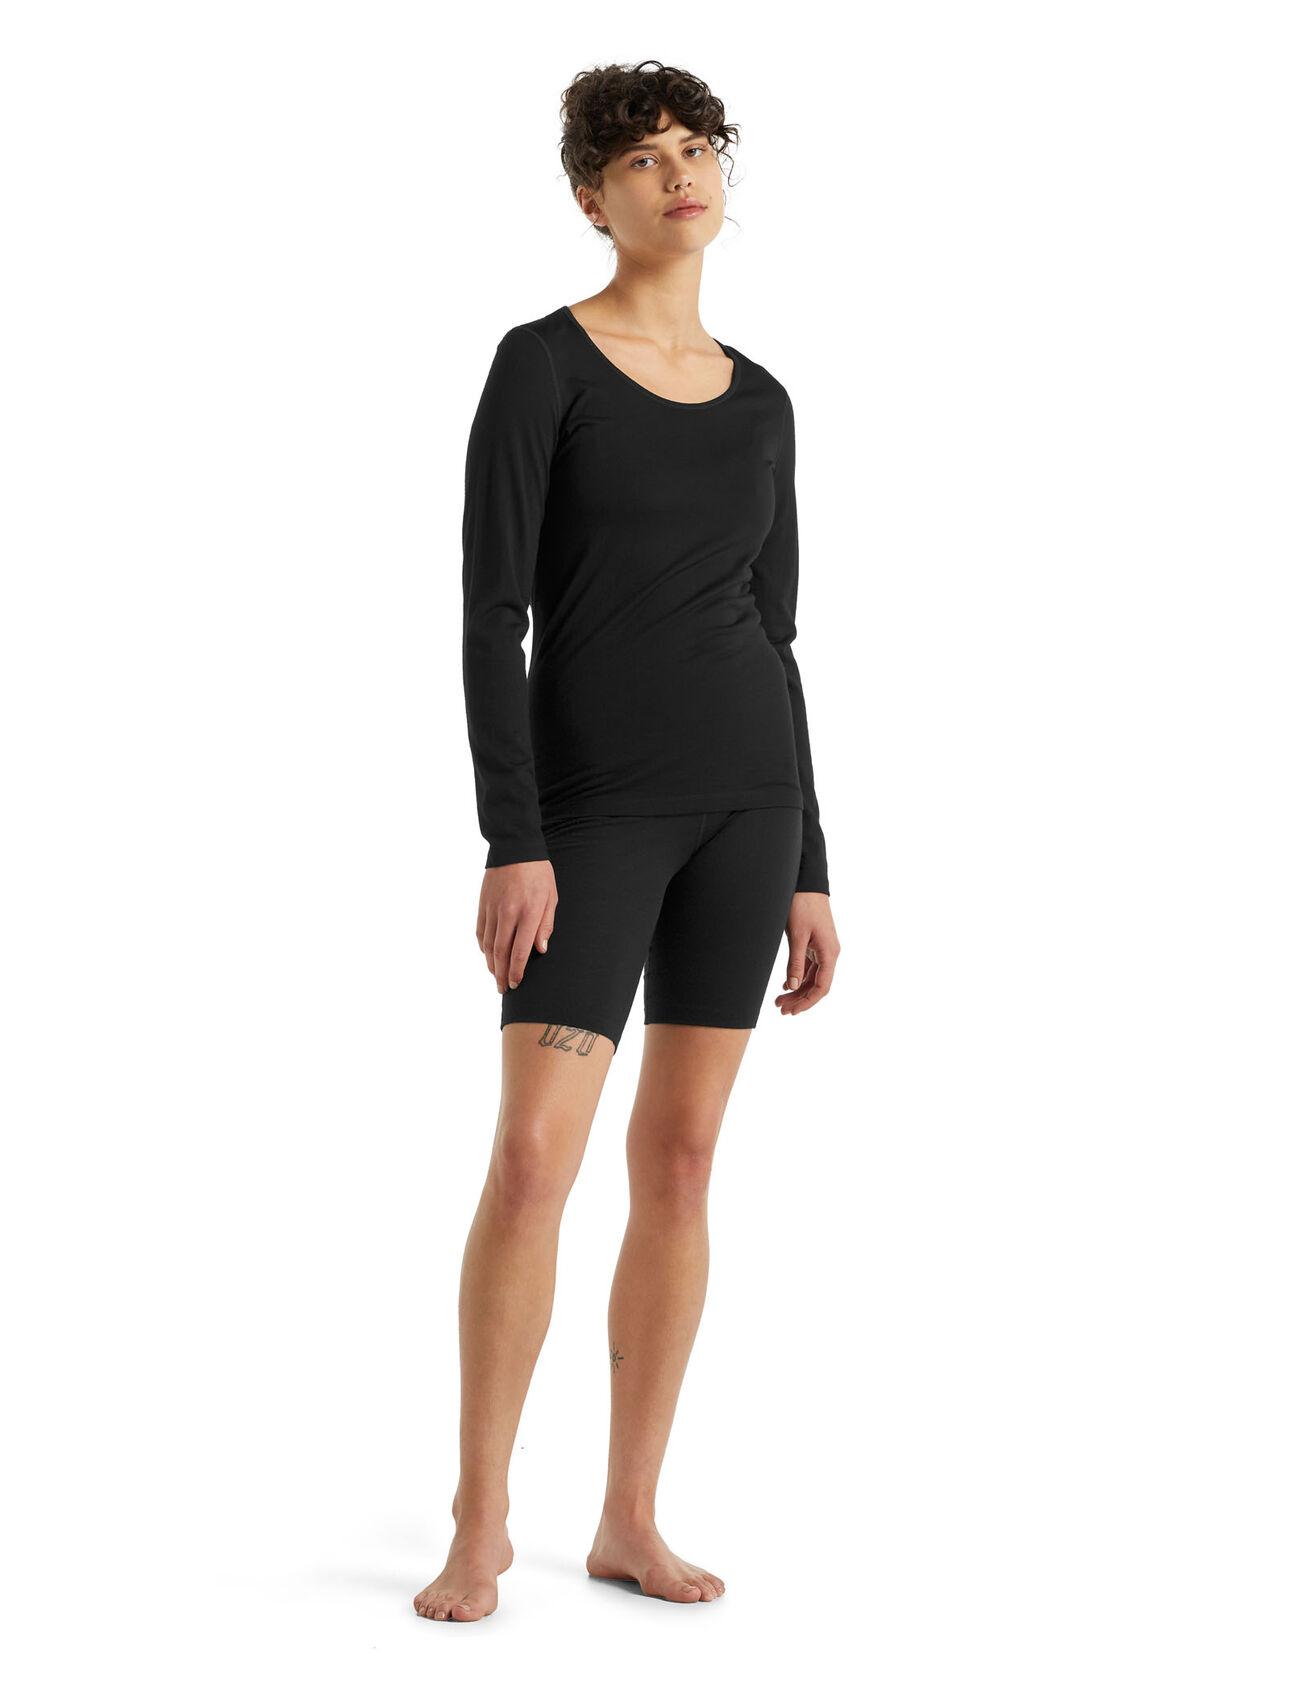 Women's 200 Oasis Scoop & Shorts